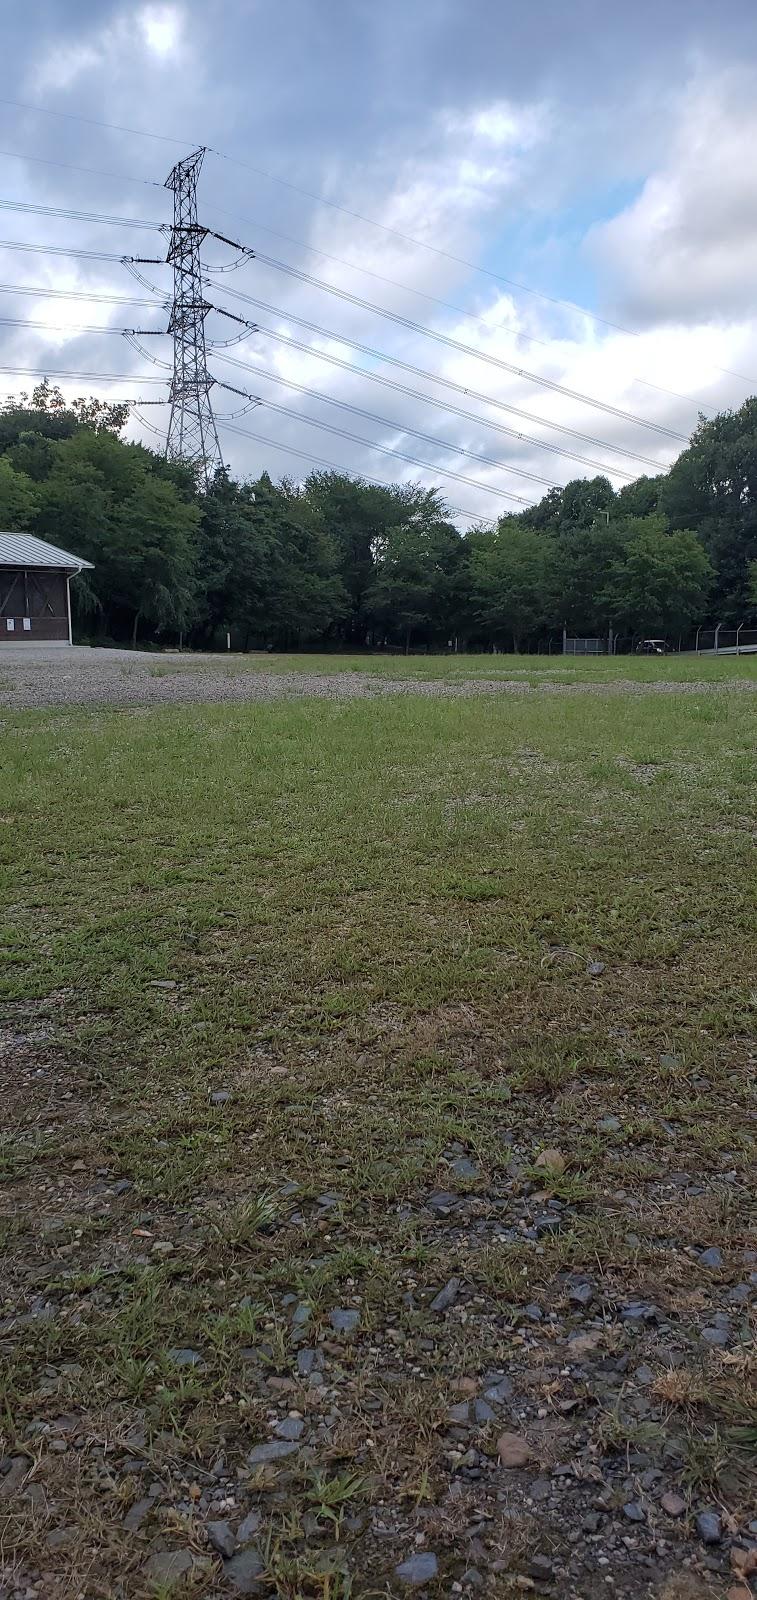 公園 池 場 わ キャンプ 自然 くつ